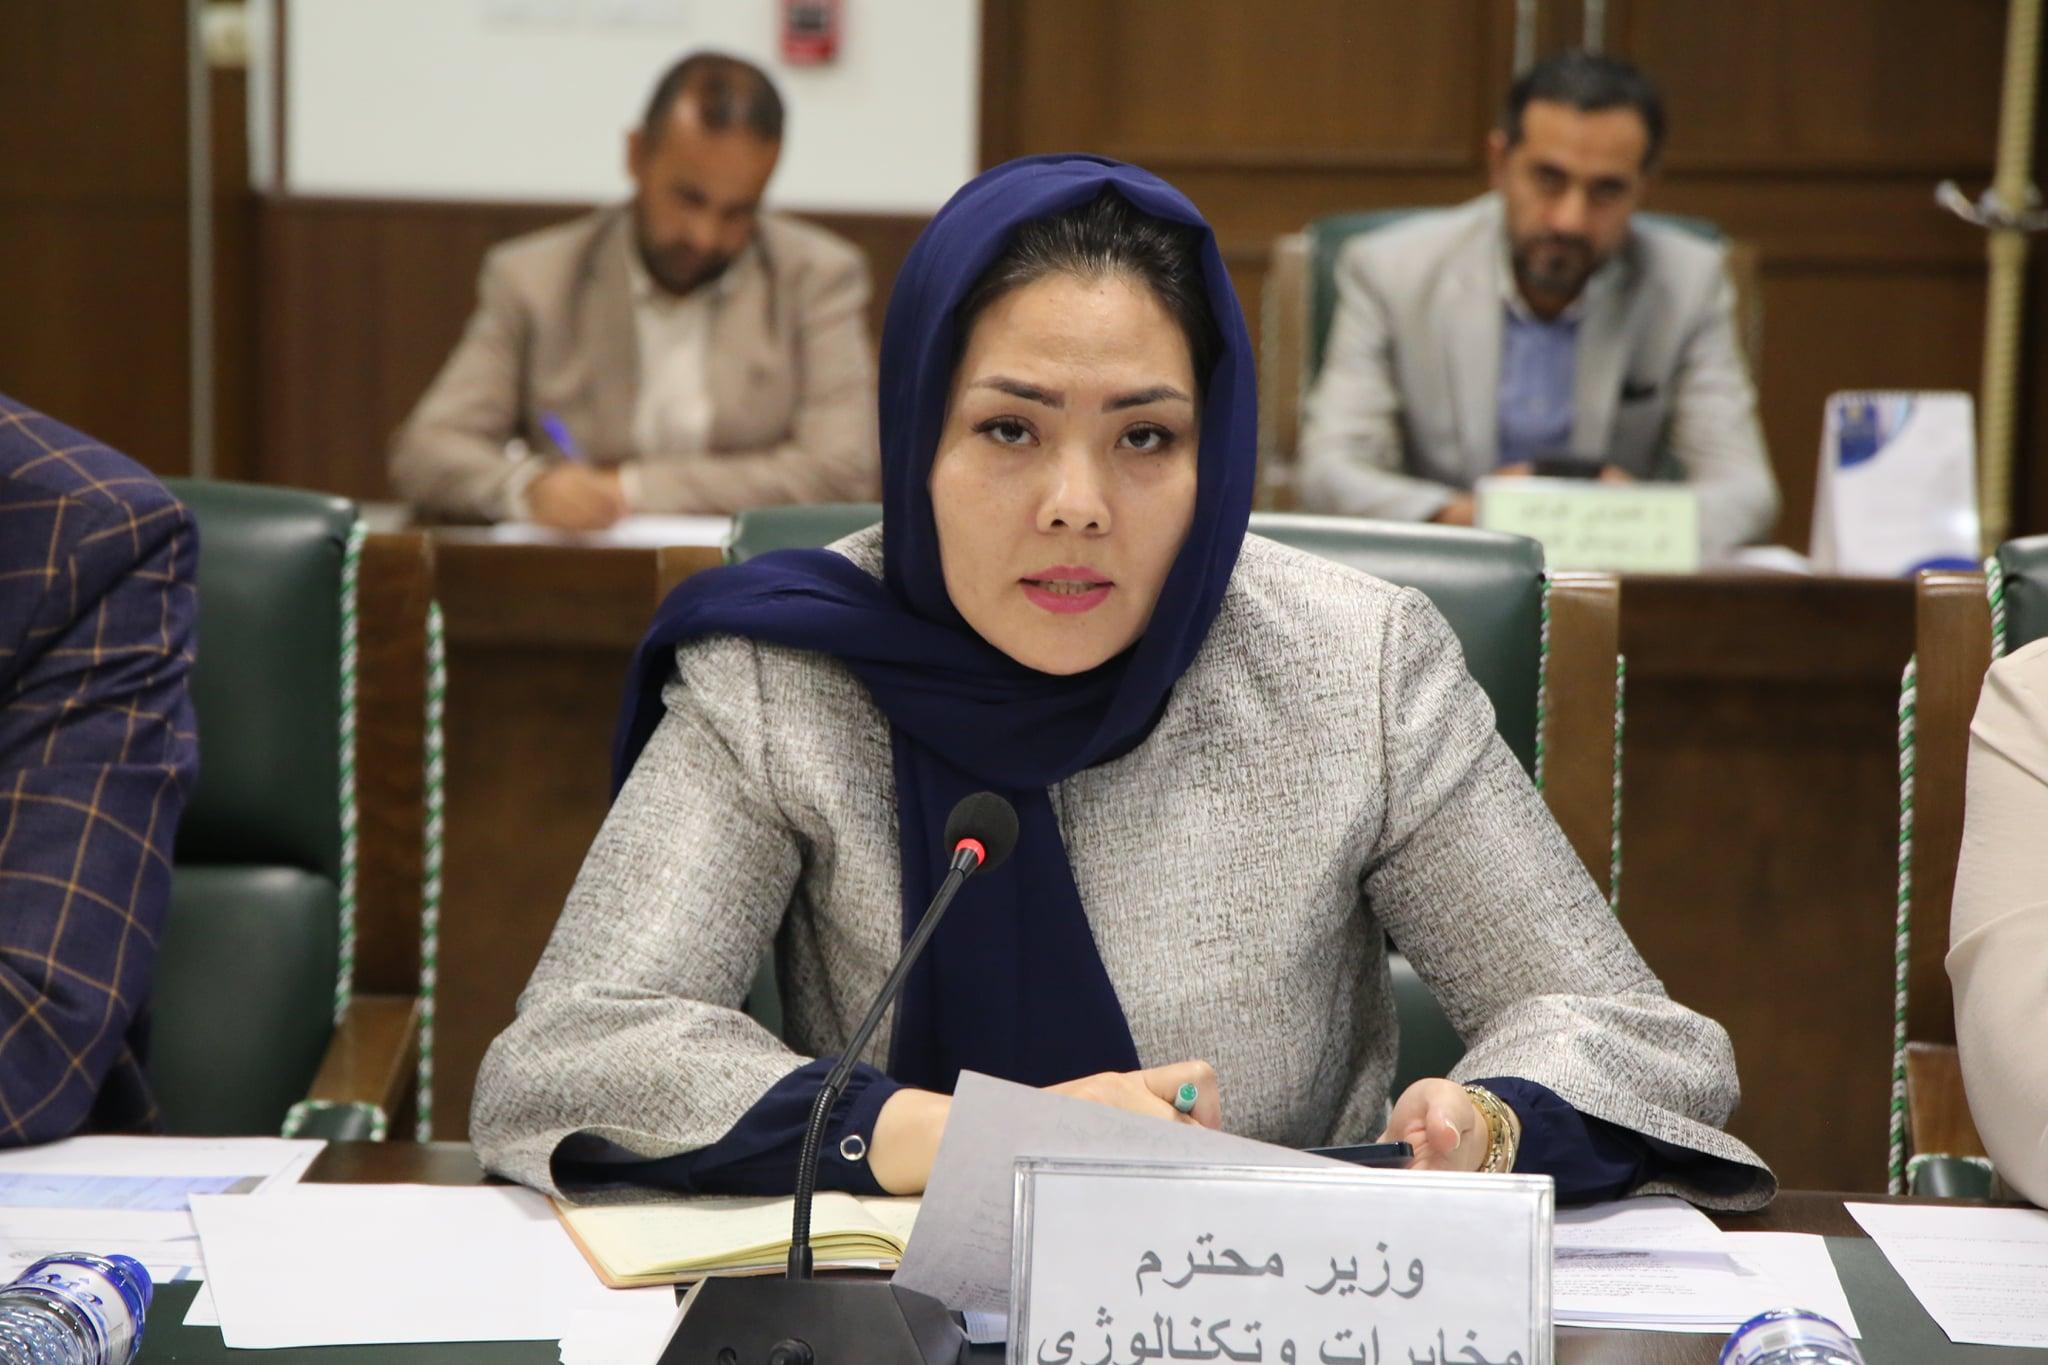 محترم معصومه خاوری وزیر مخابرات و تکنالوژی معلوماتی با حضور در جلسه کمیته رییسان این مجلس به سوالات اعضای این کمیسیون پاسخ ارایه نمود.